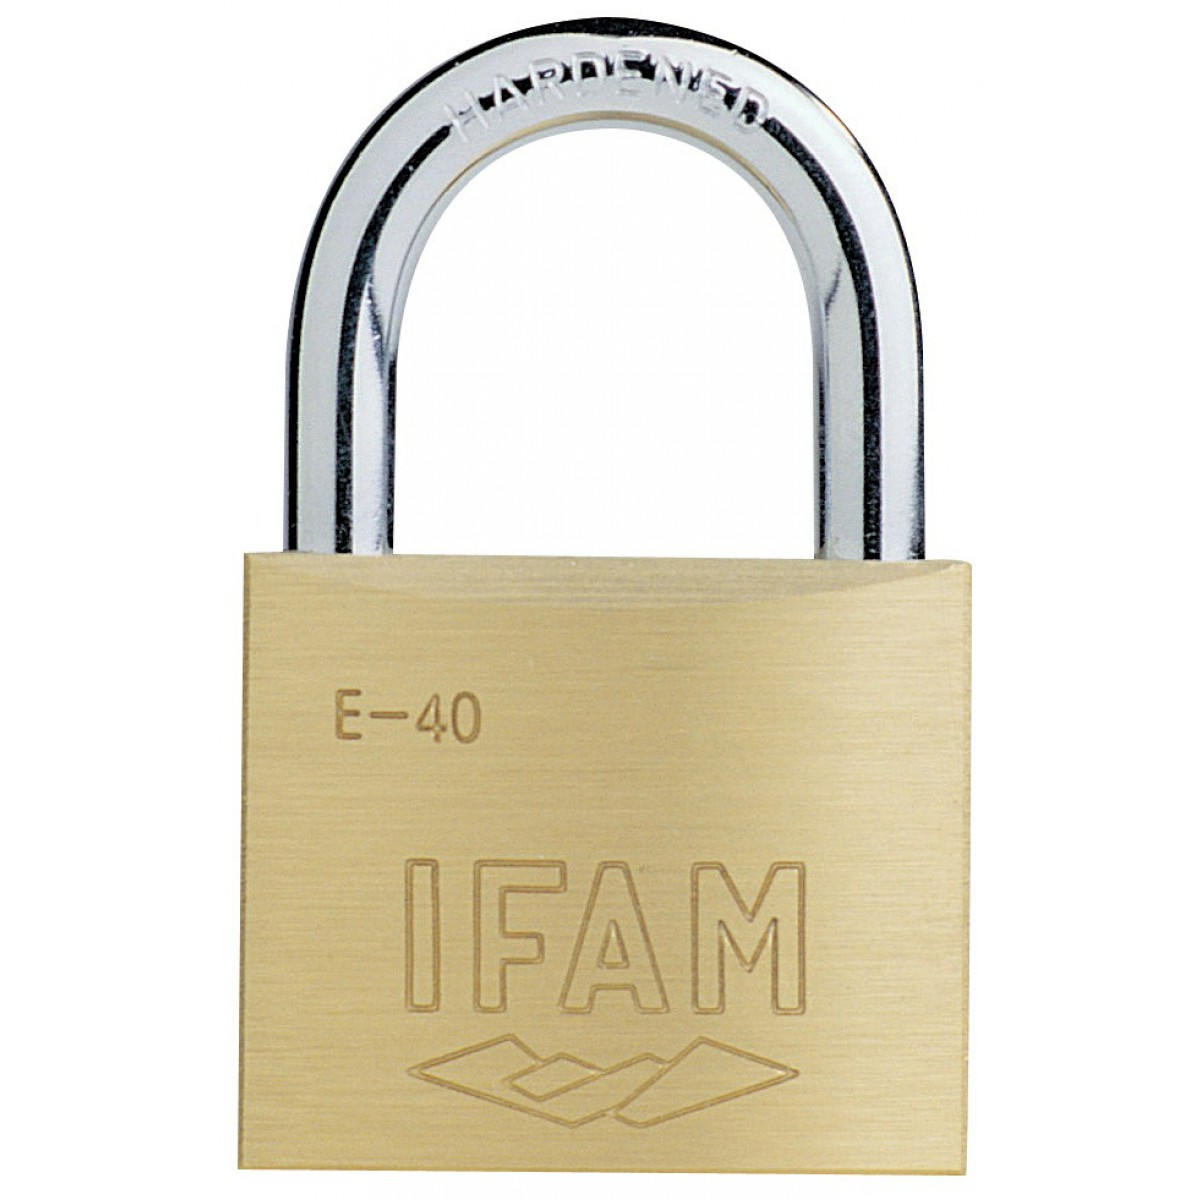 Cadenas laiton haute résistance Ifam - Anse 6 mm - Longueur 40 mm